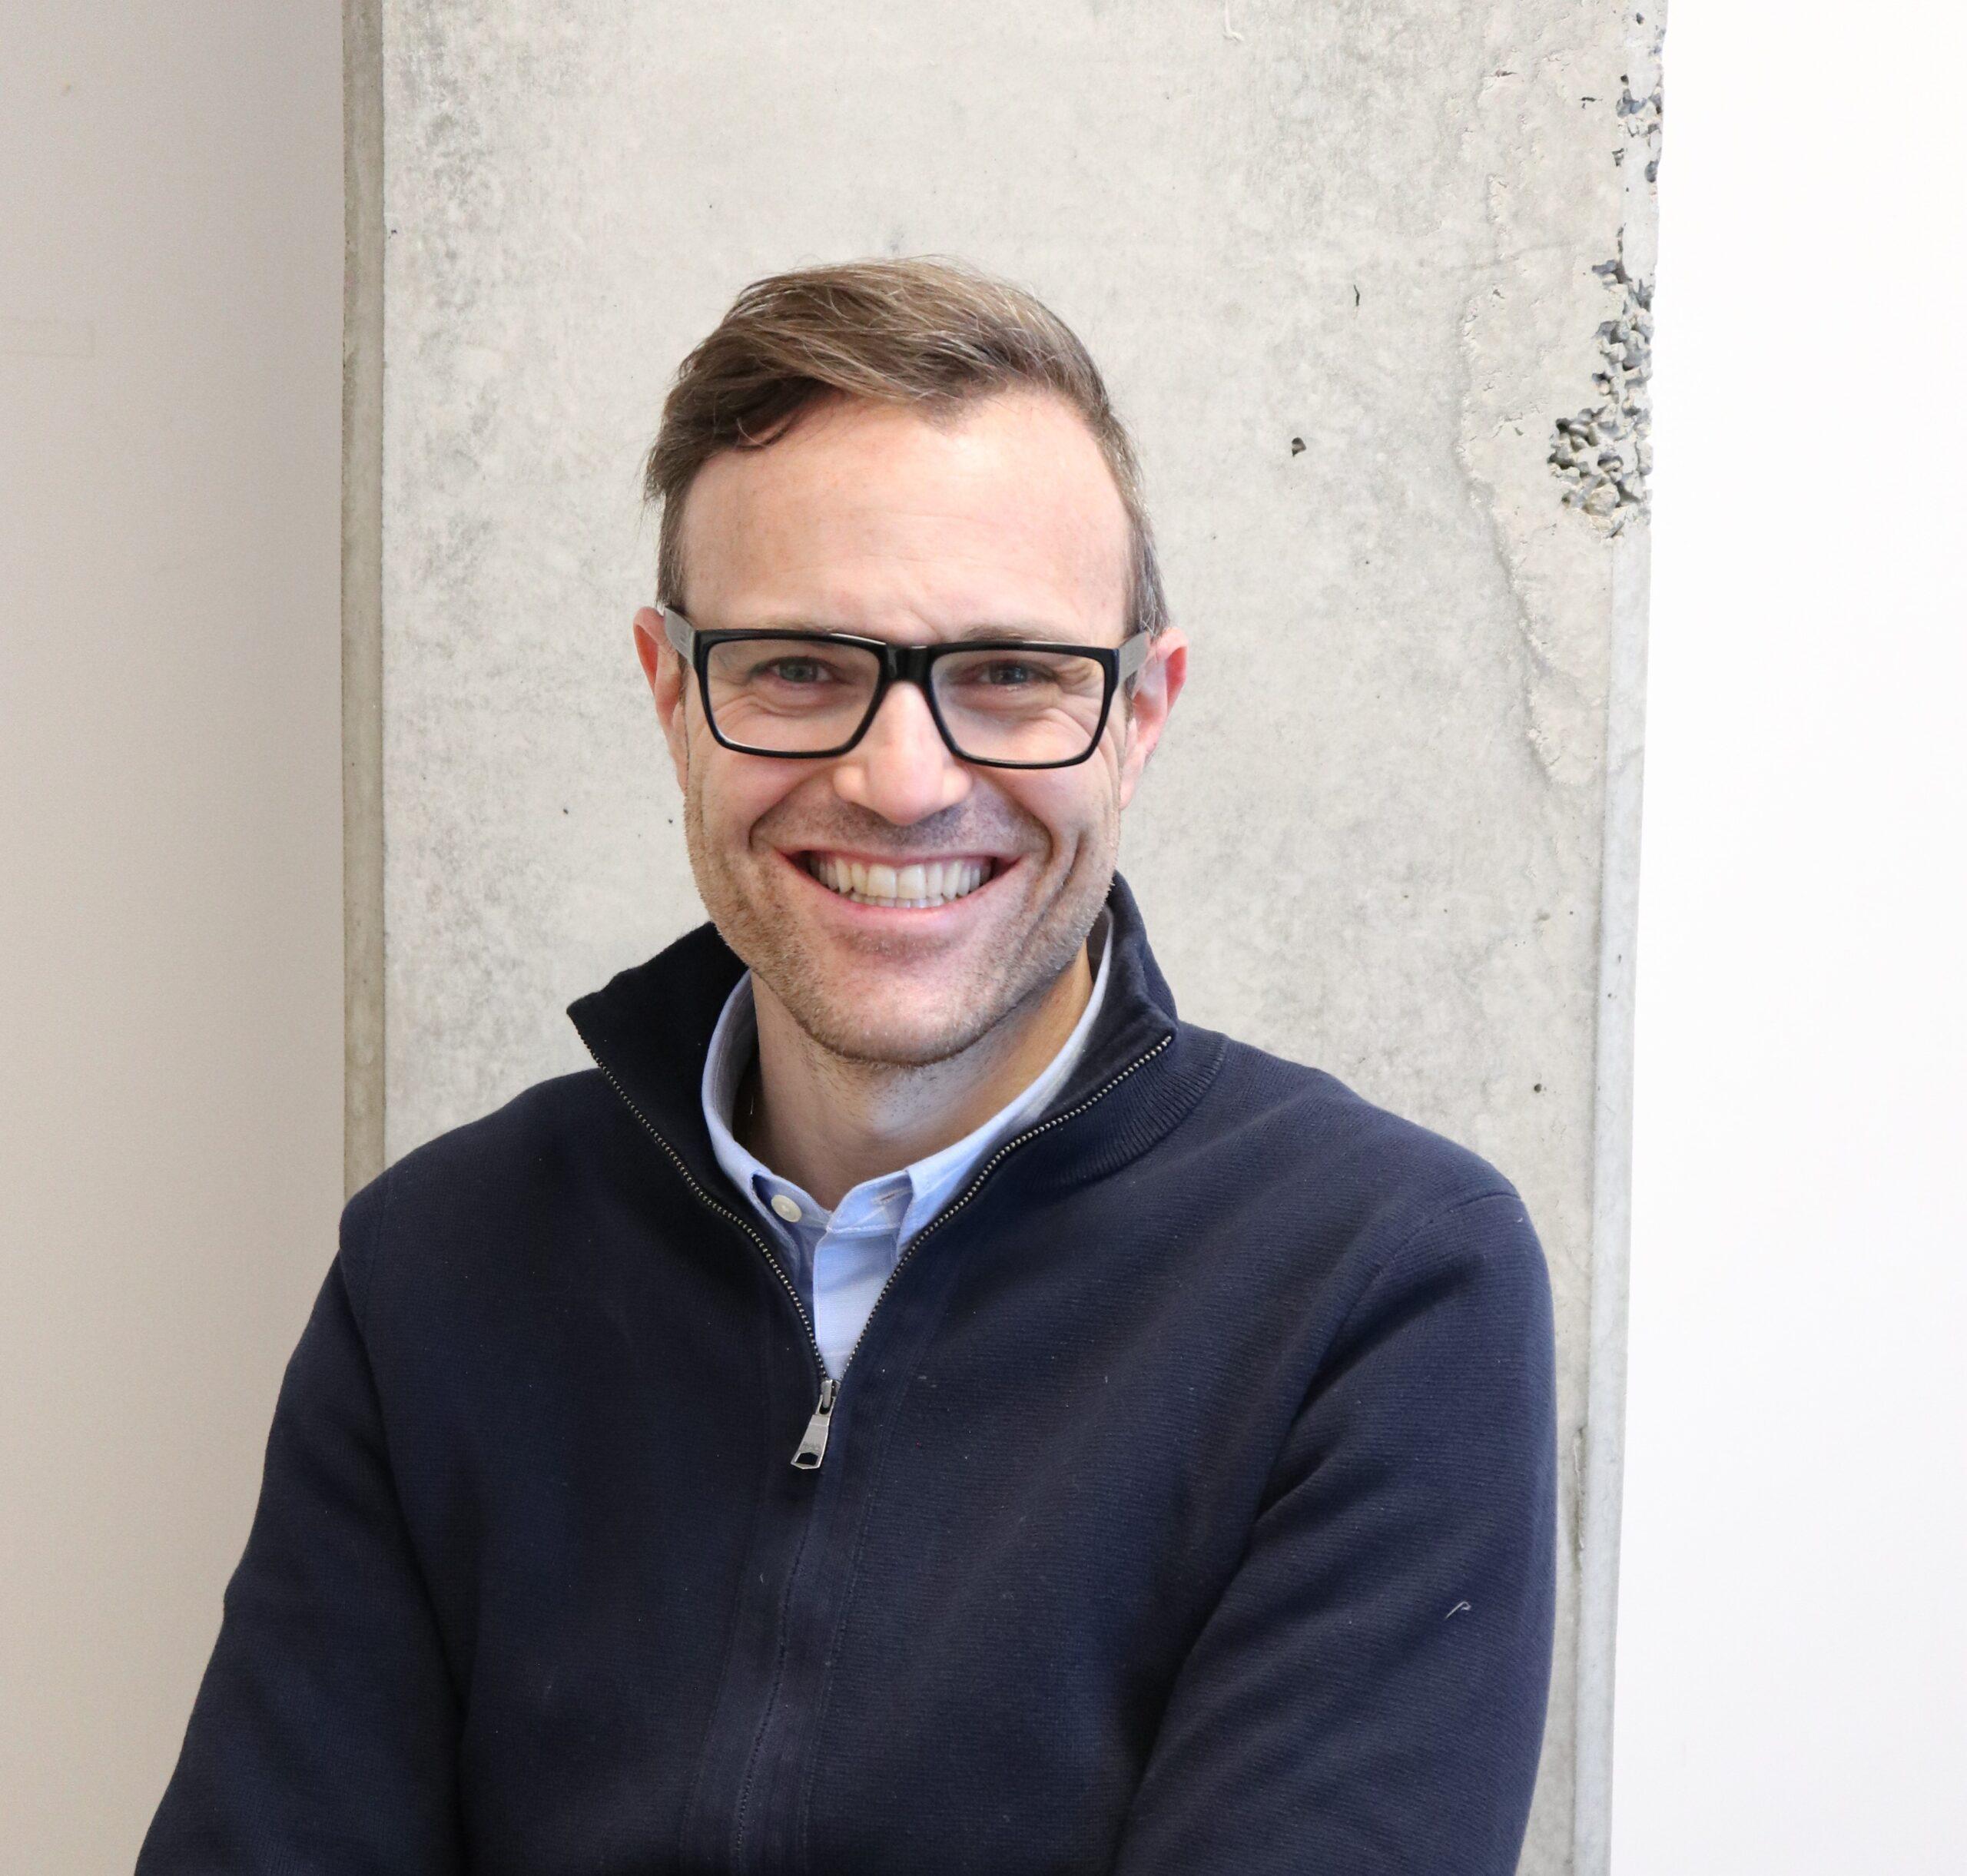 Jean-Daniel Azuelos, Dentiste | Soie Clinique dentaire Montréal